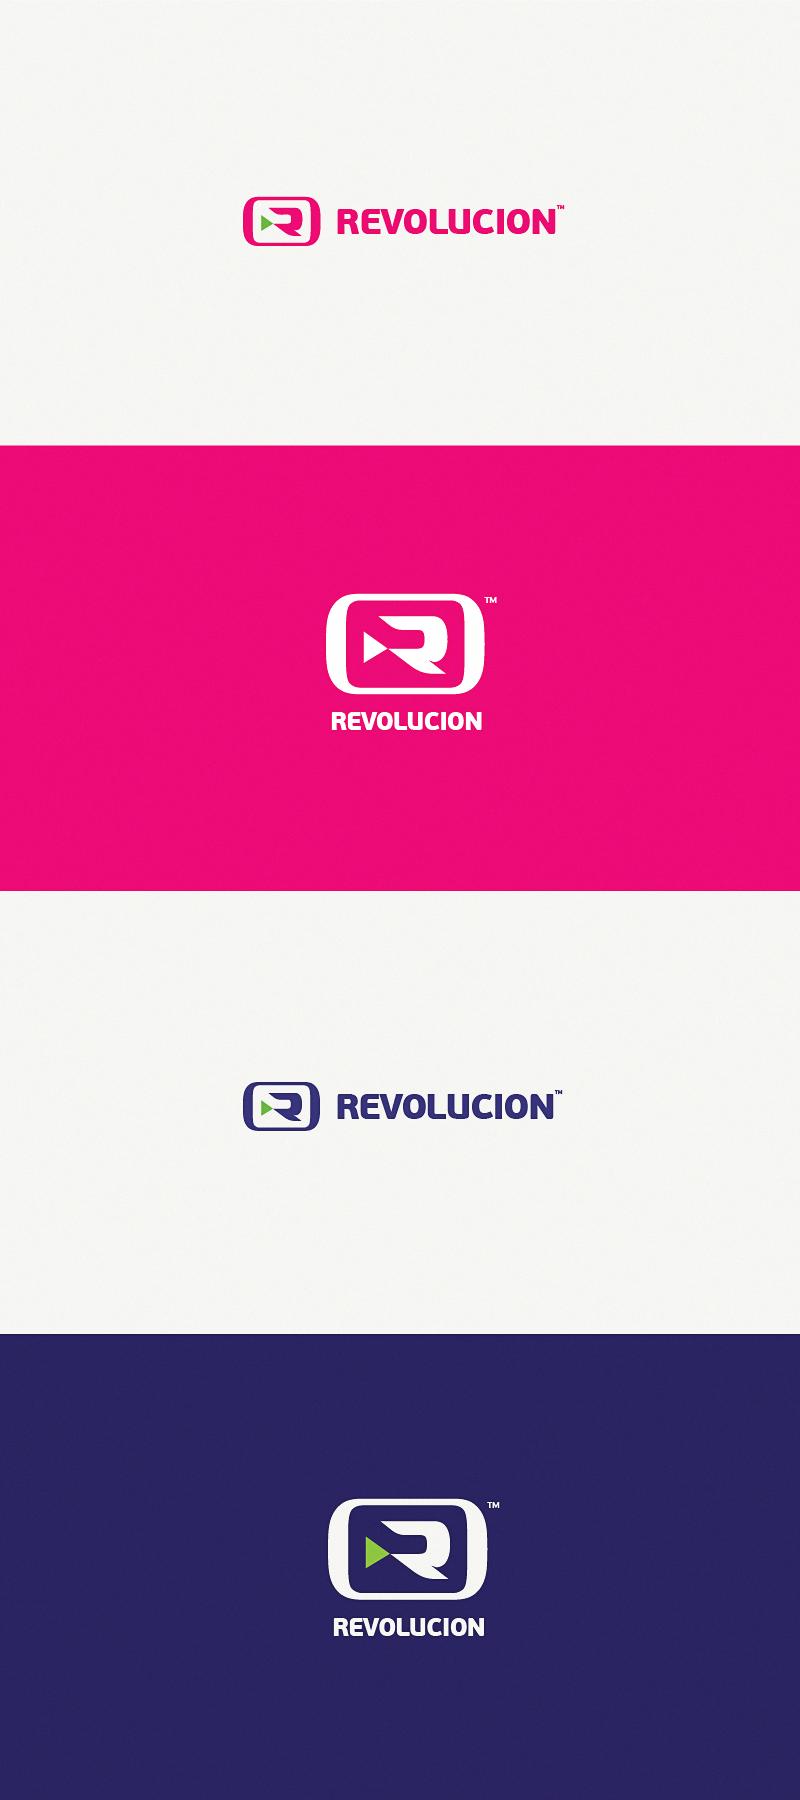 Разработка логотипа и фир. стиля агенству Revolución фото f_4fb989b1dfed2.png